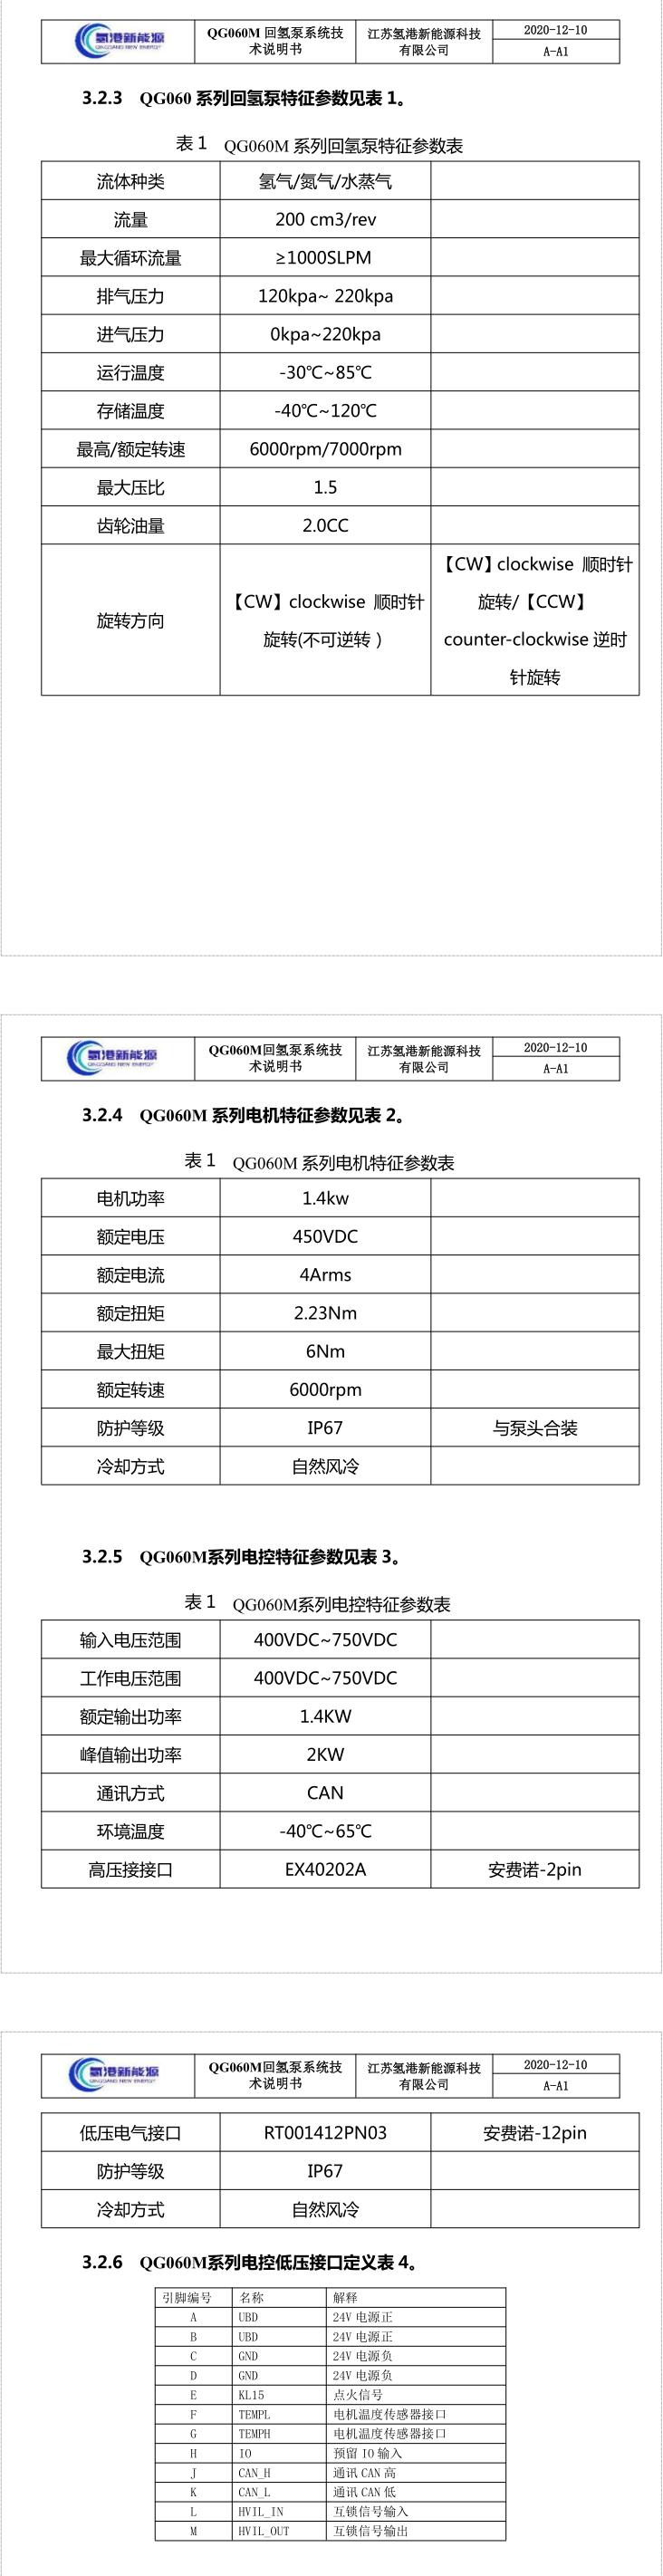 氢港回氢泵系统QG060M-技术说明0723(1)_2_9.png